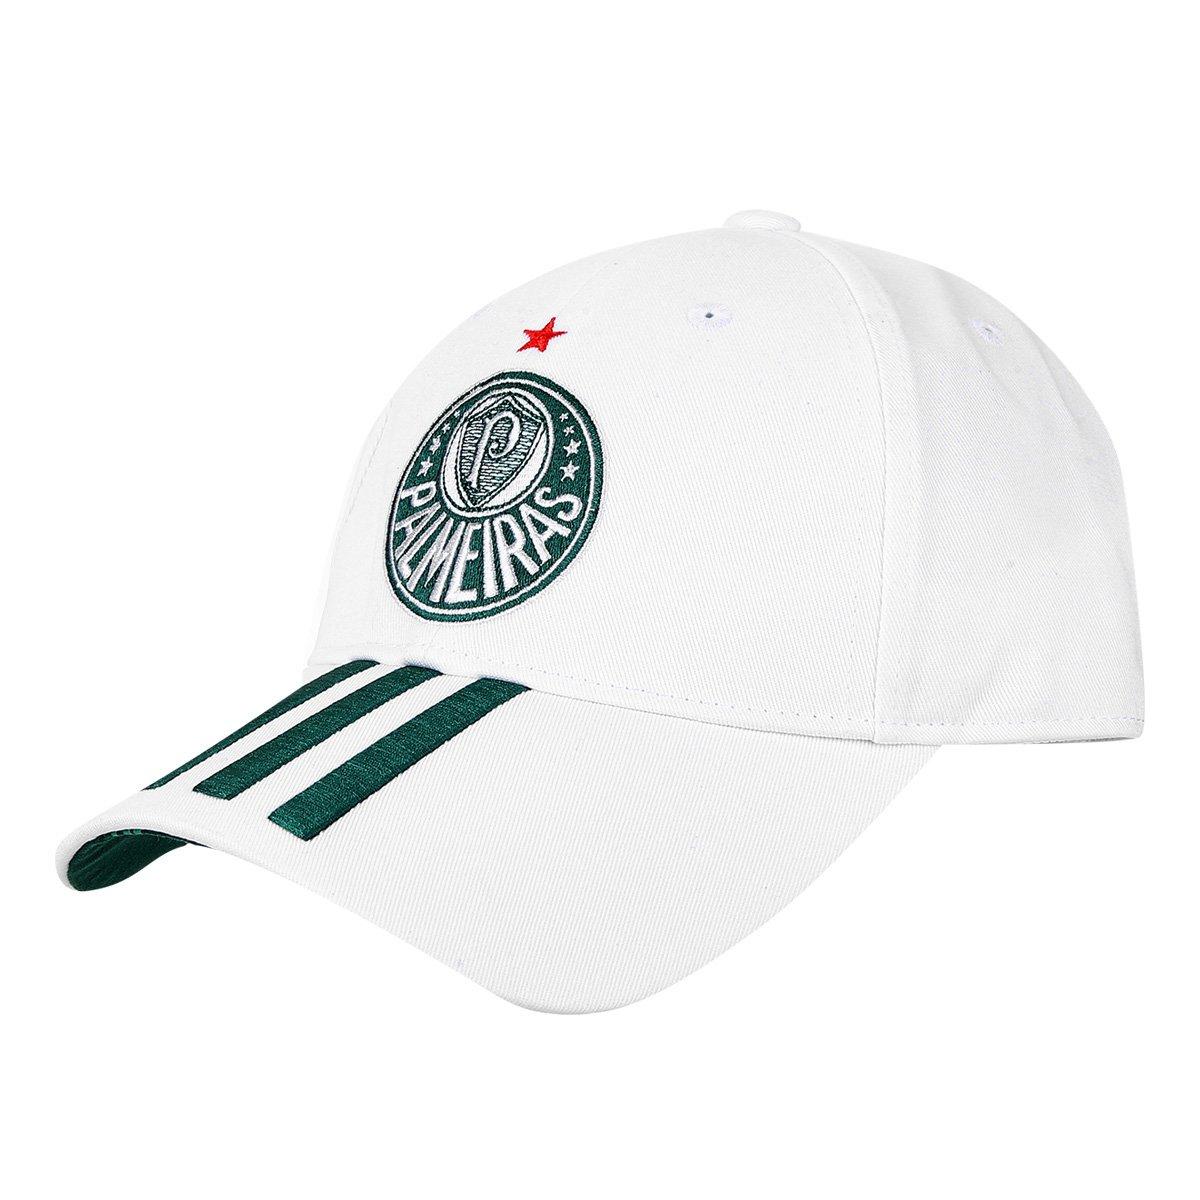 Boné Palmeiras Adidas 3Stripes Aba Curva - Compre Agora  26cdc86f6a1